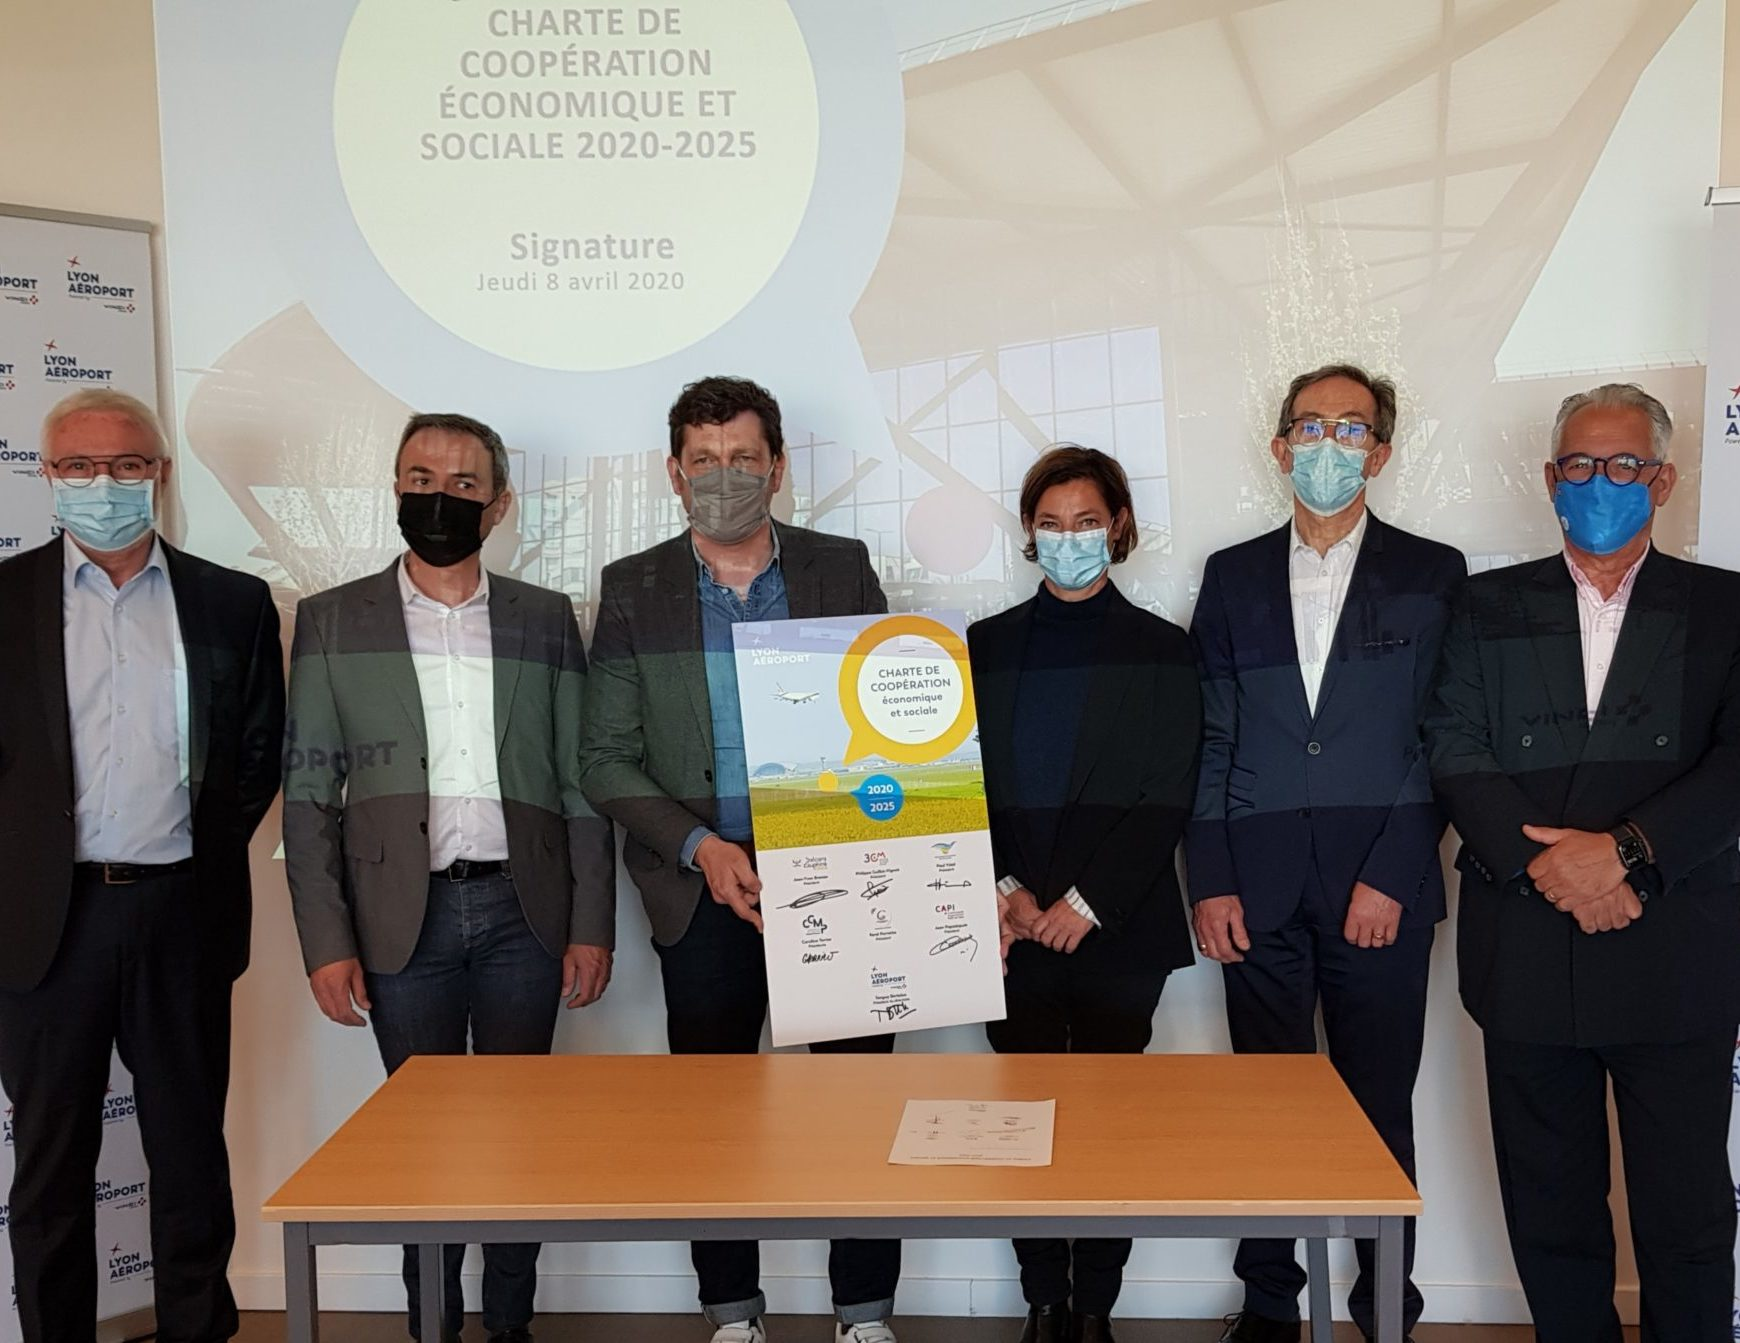 Charte de coopération économique et sociale